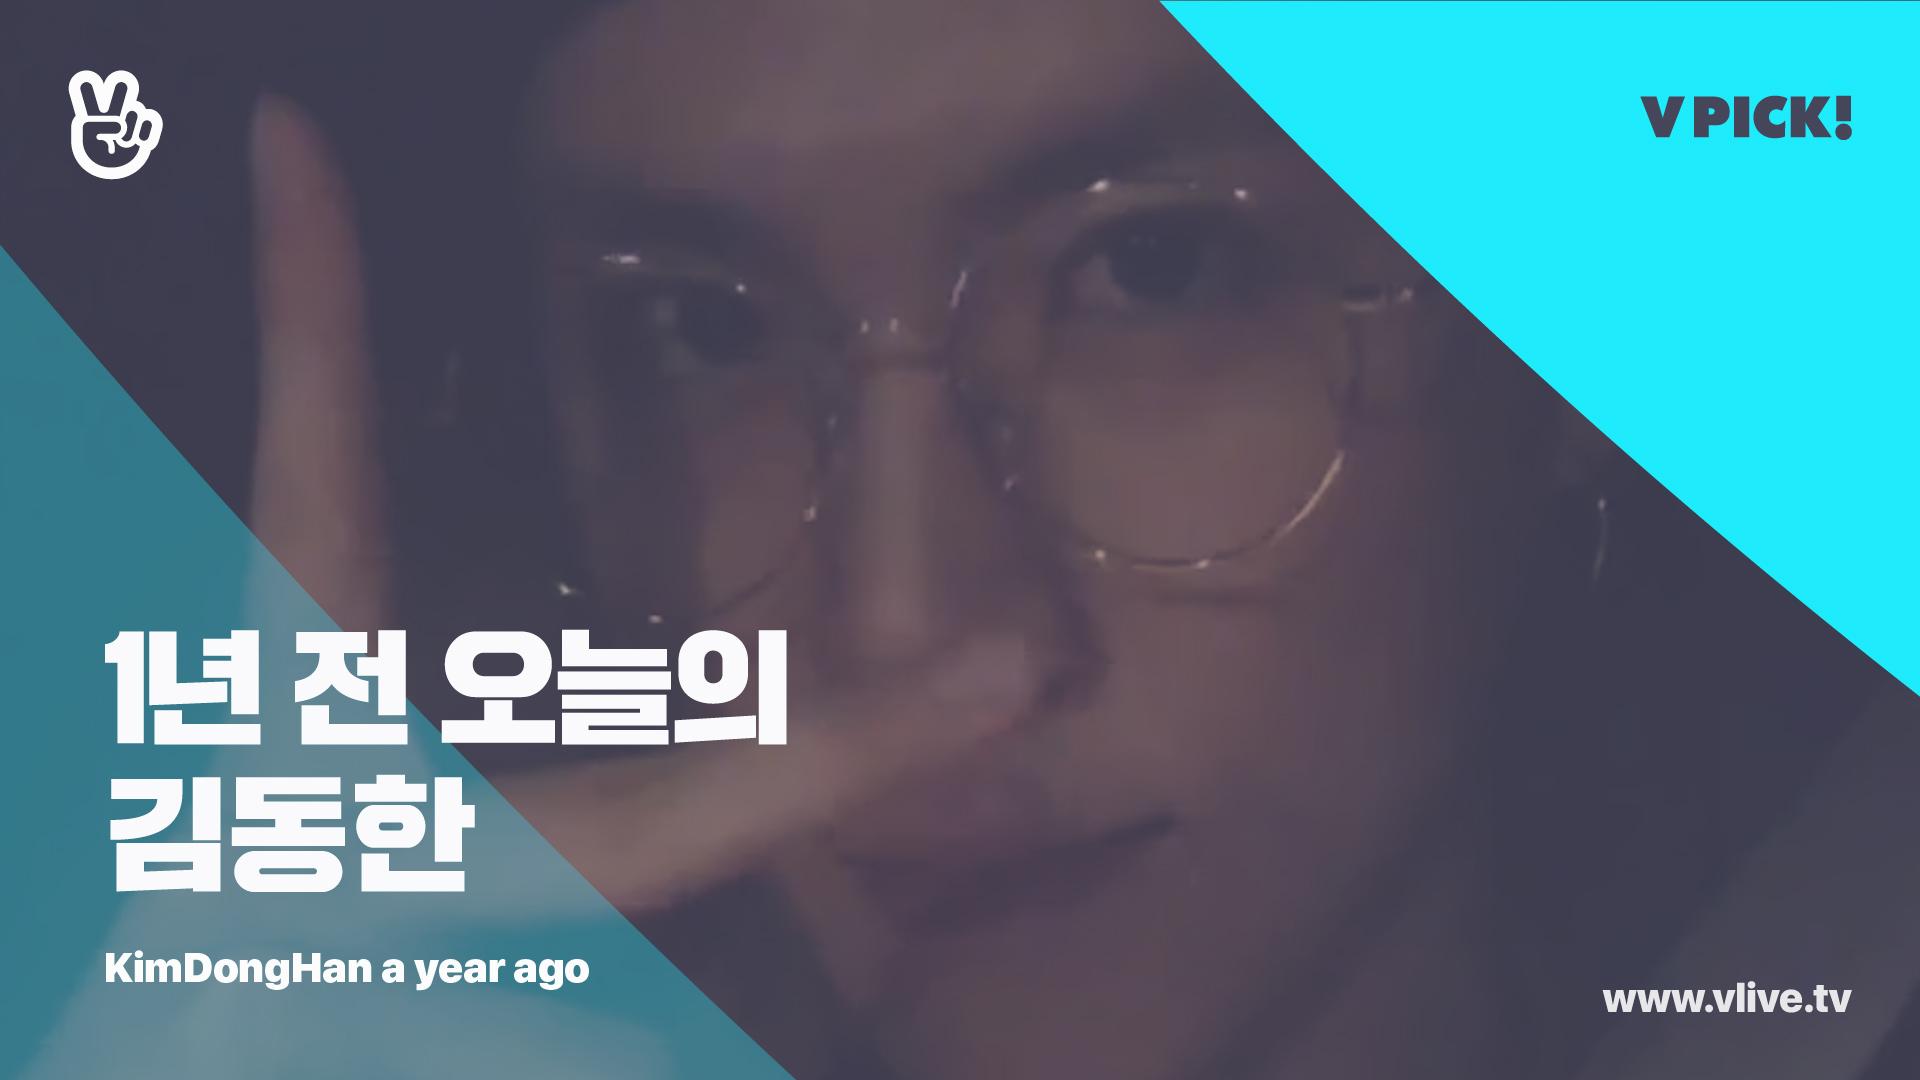 [1년 전 오늘의 KimDongHan] 양봉업자 불러주세요 고막에 생긴 벌집 수확할 때 됐거든요🍯 (DONGHAN singing songs a year ago)